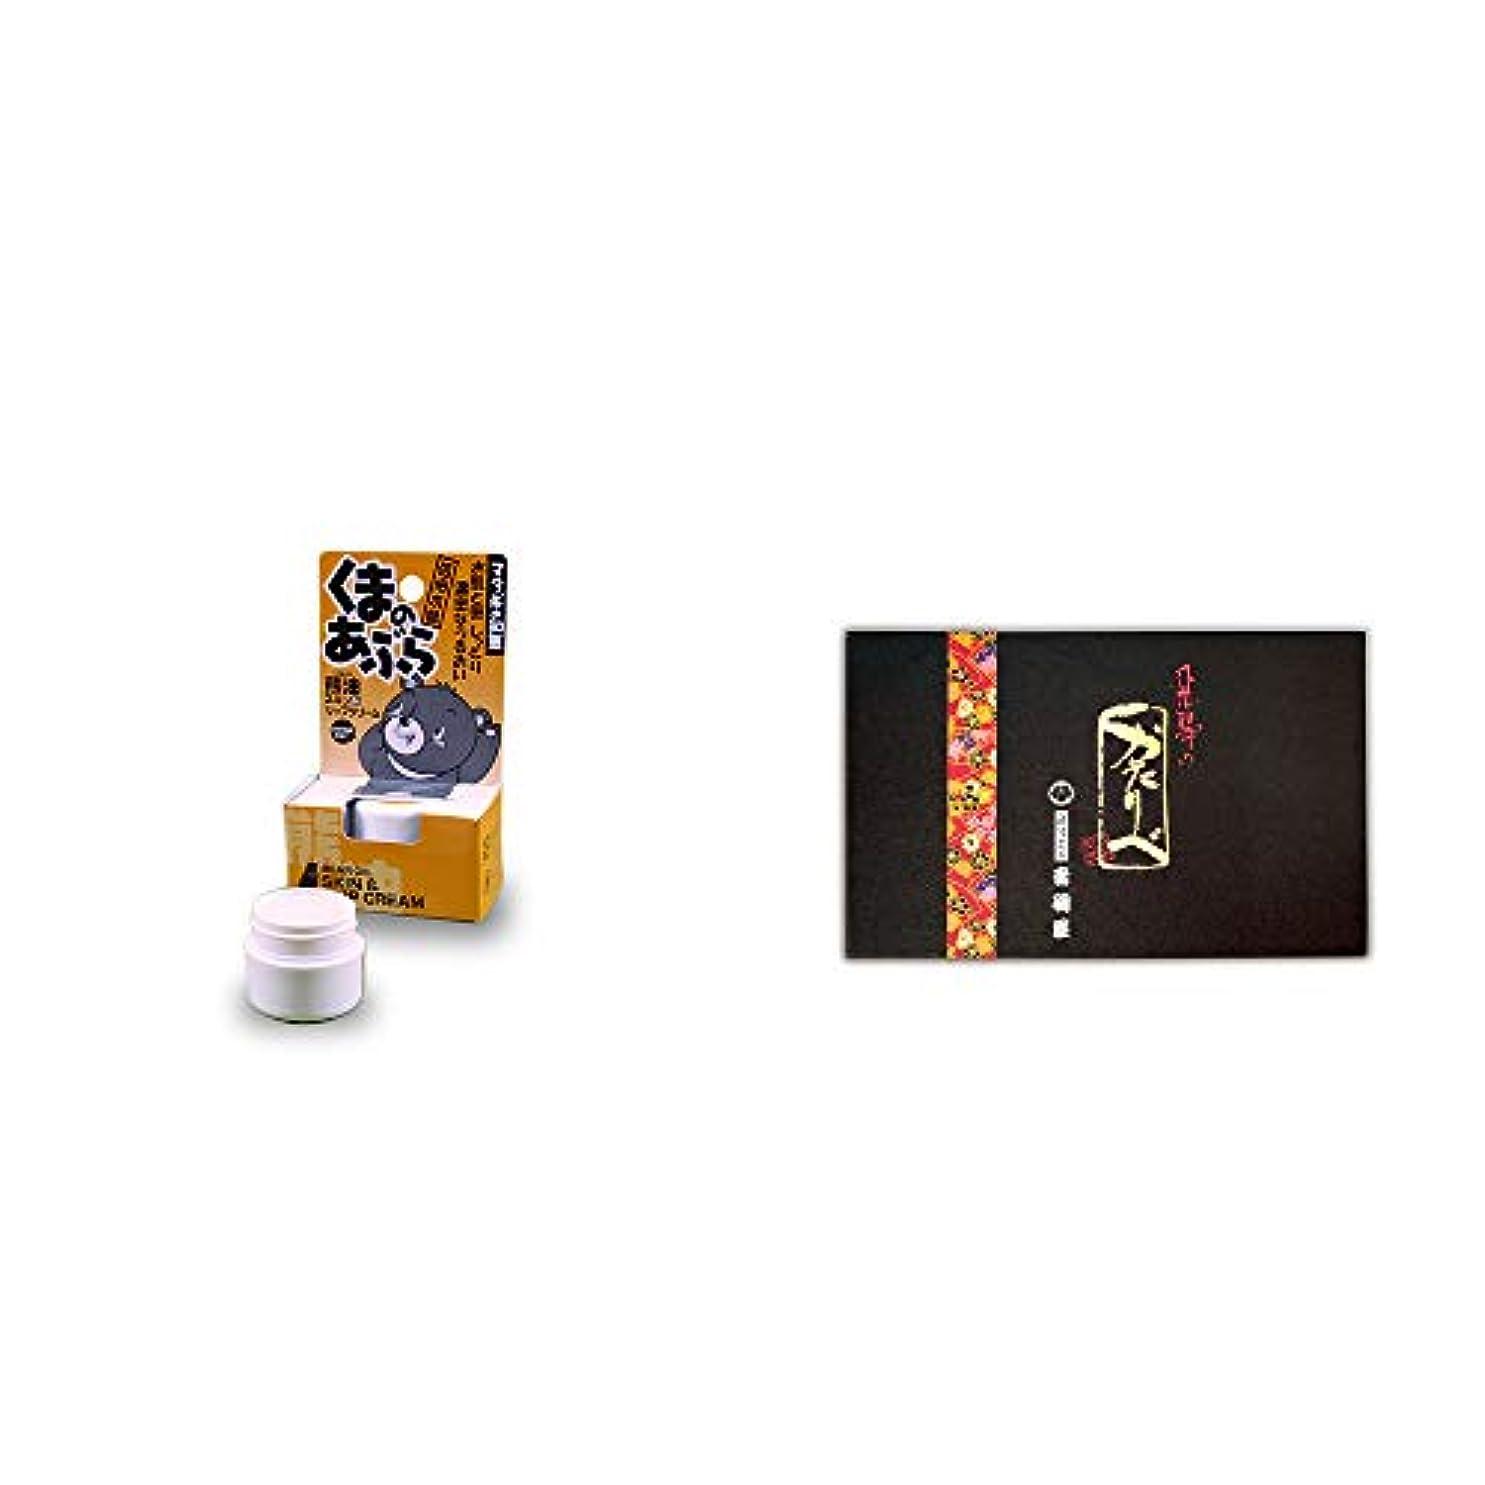 コンパクト運搬光の[2点セット] 信州木曽 くまのあぶら 熊油スキン&リップクリーム(9g)?岐阜銘菓 音羽屋 飛騨のかたりべ [12個]